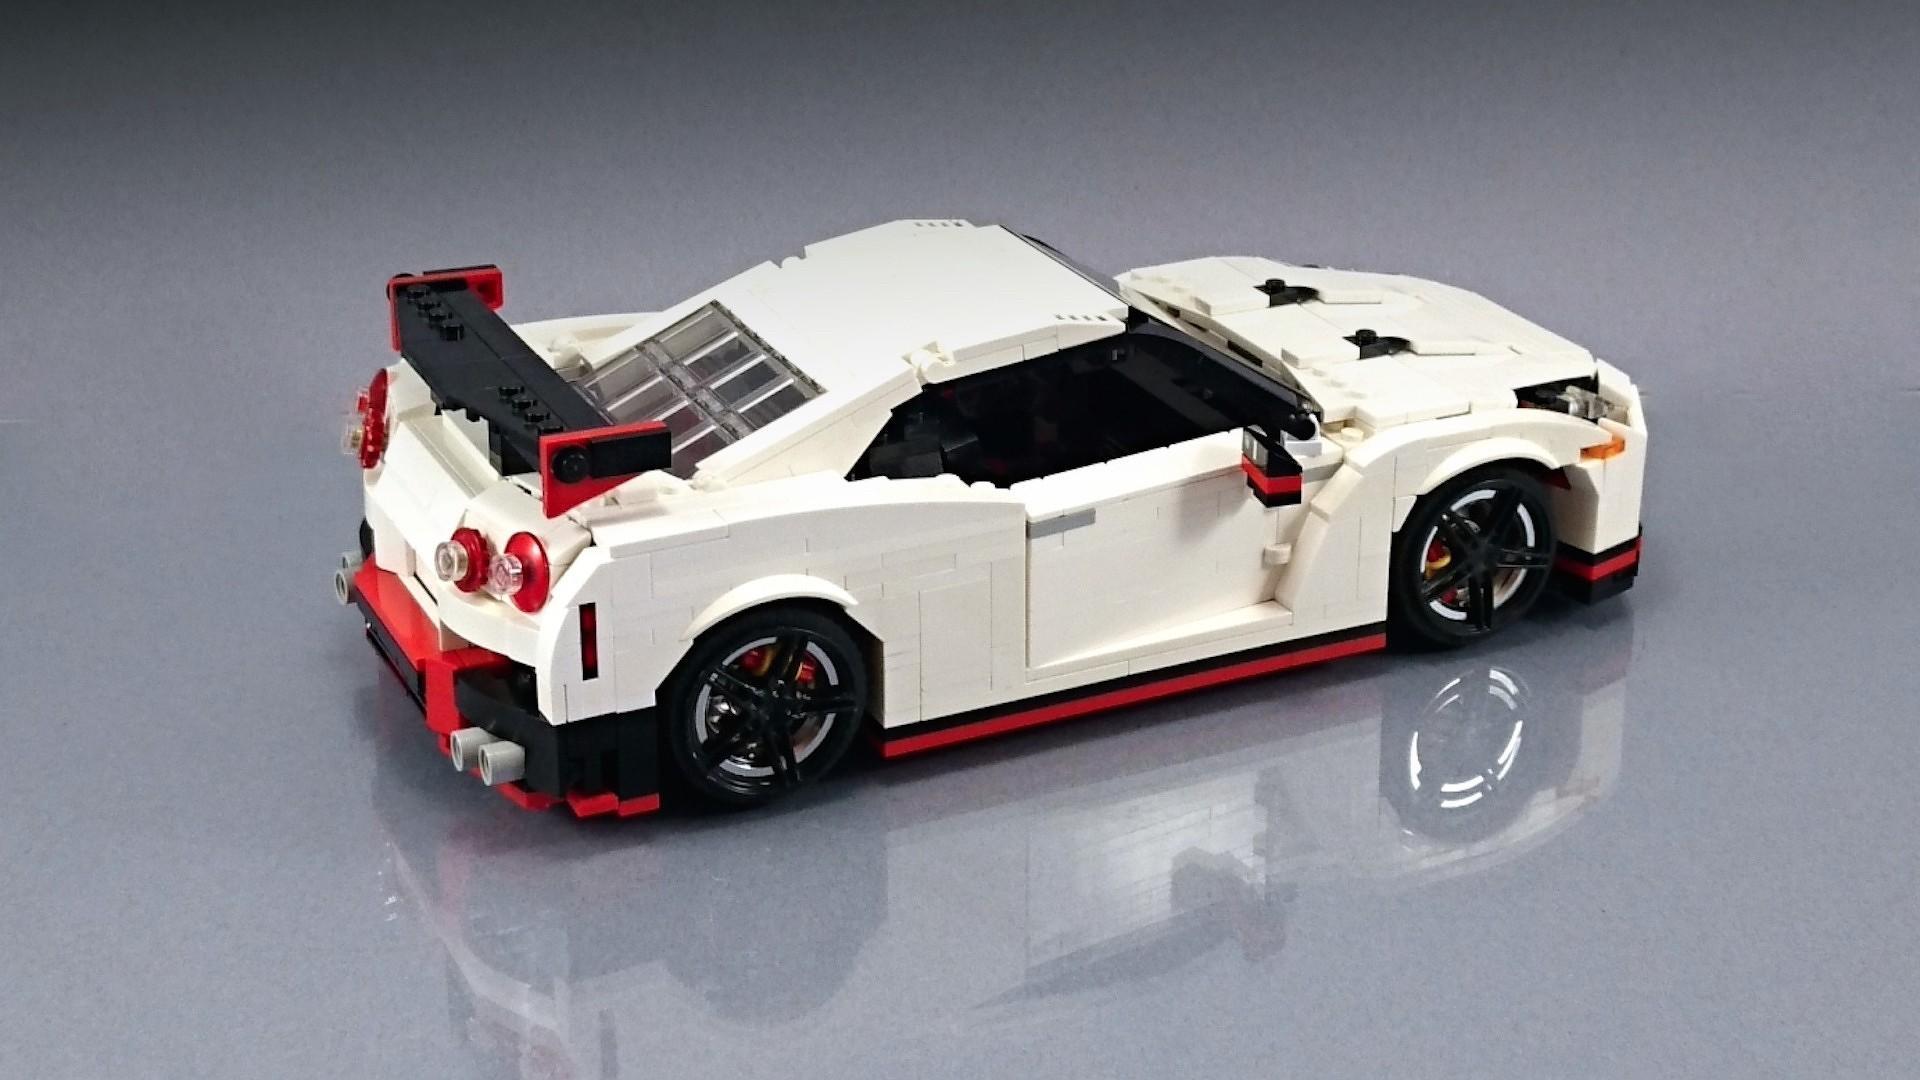 Lego_Nissan_GT-R_Nismo_05